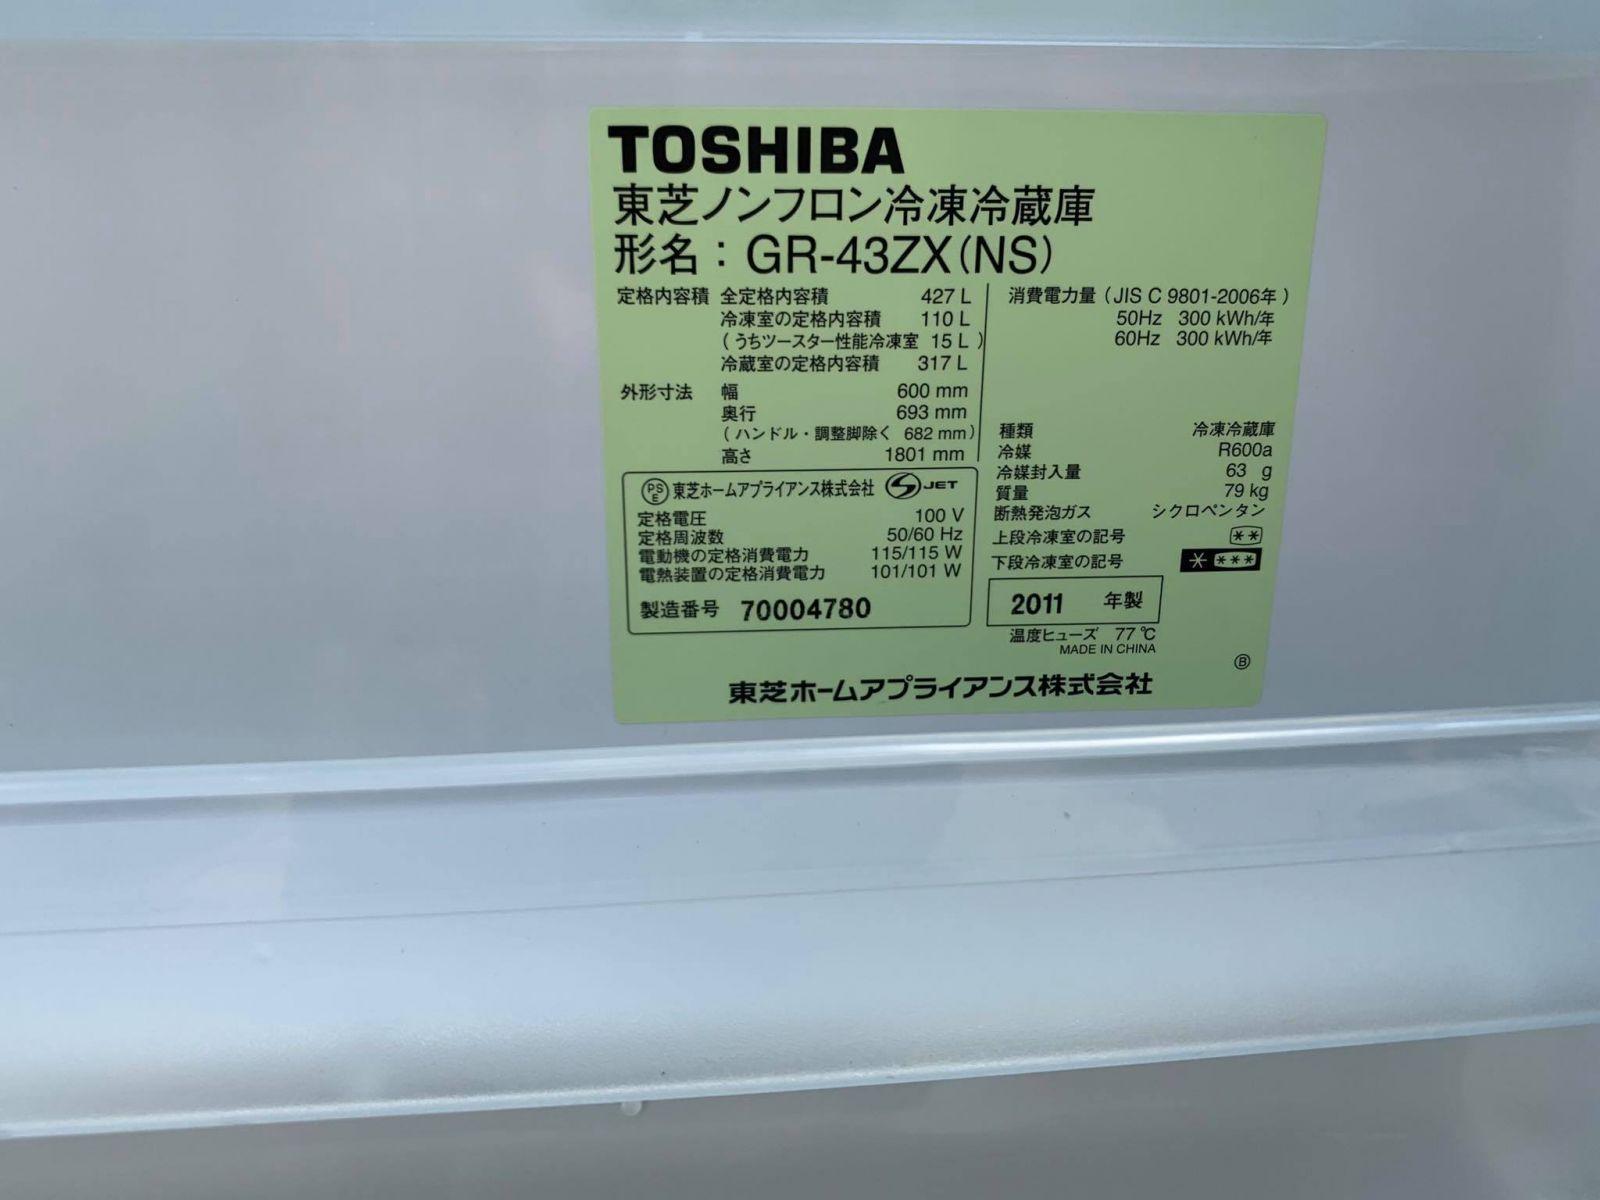 Tủ lạnh nhật Toshiba GR-43ZX (NS) 2011